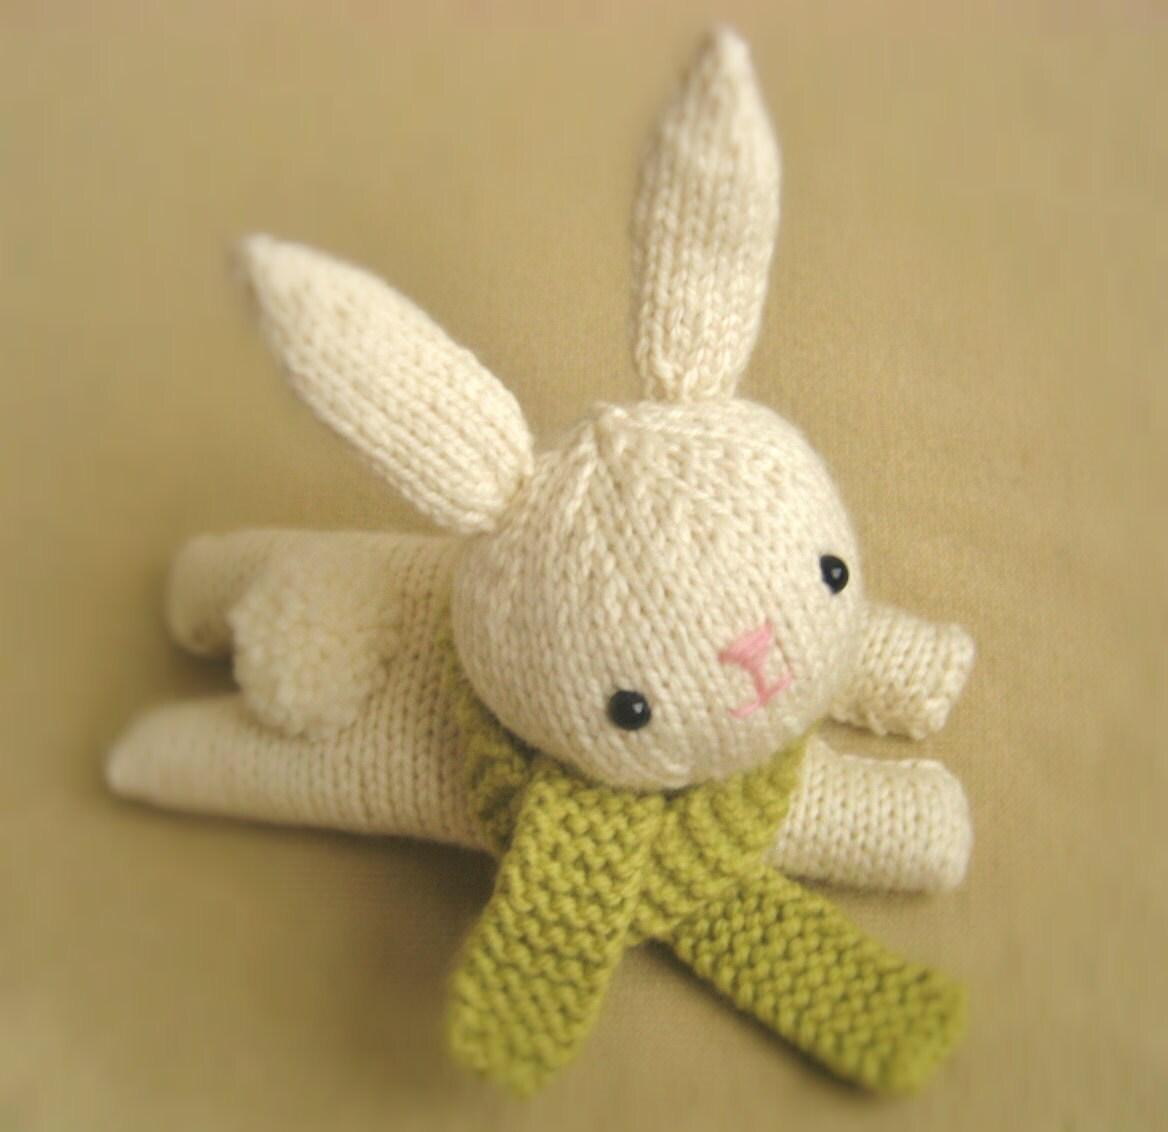 Knitted Amigurumi Animal Patterns : AMIGURUMI KNIT PATTERNS FREE Knitting PATTERNS